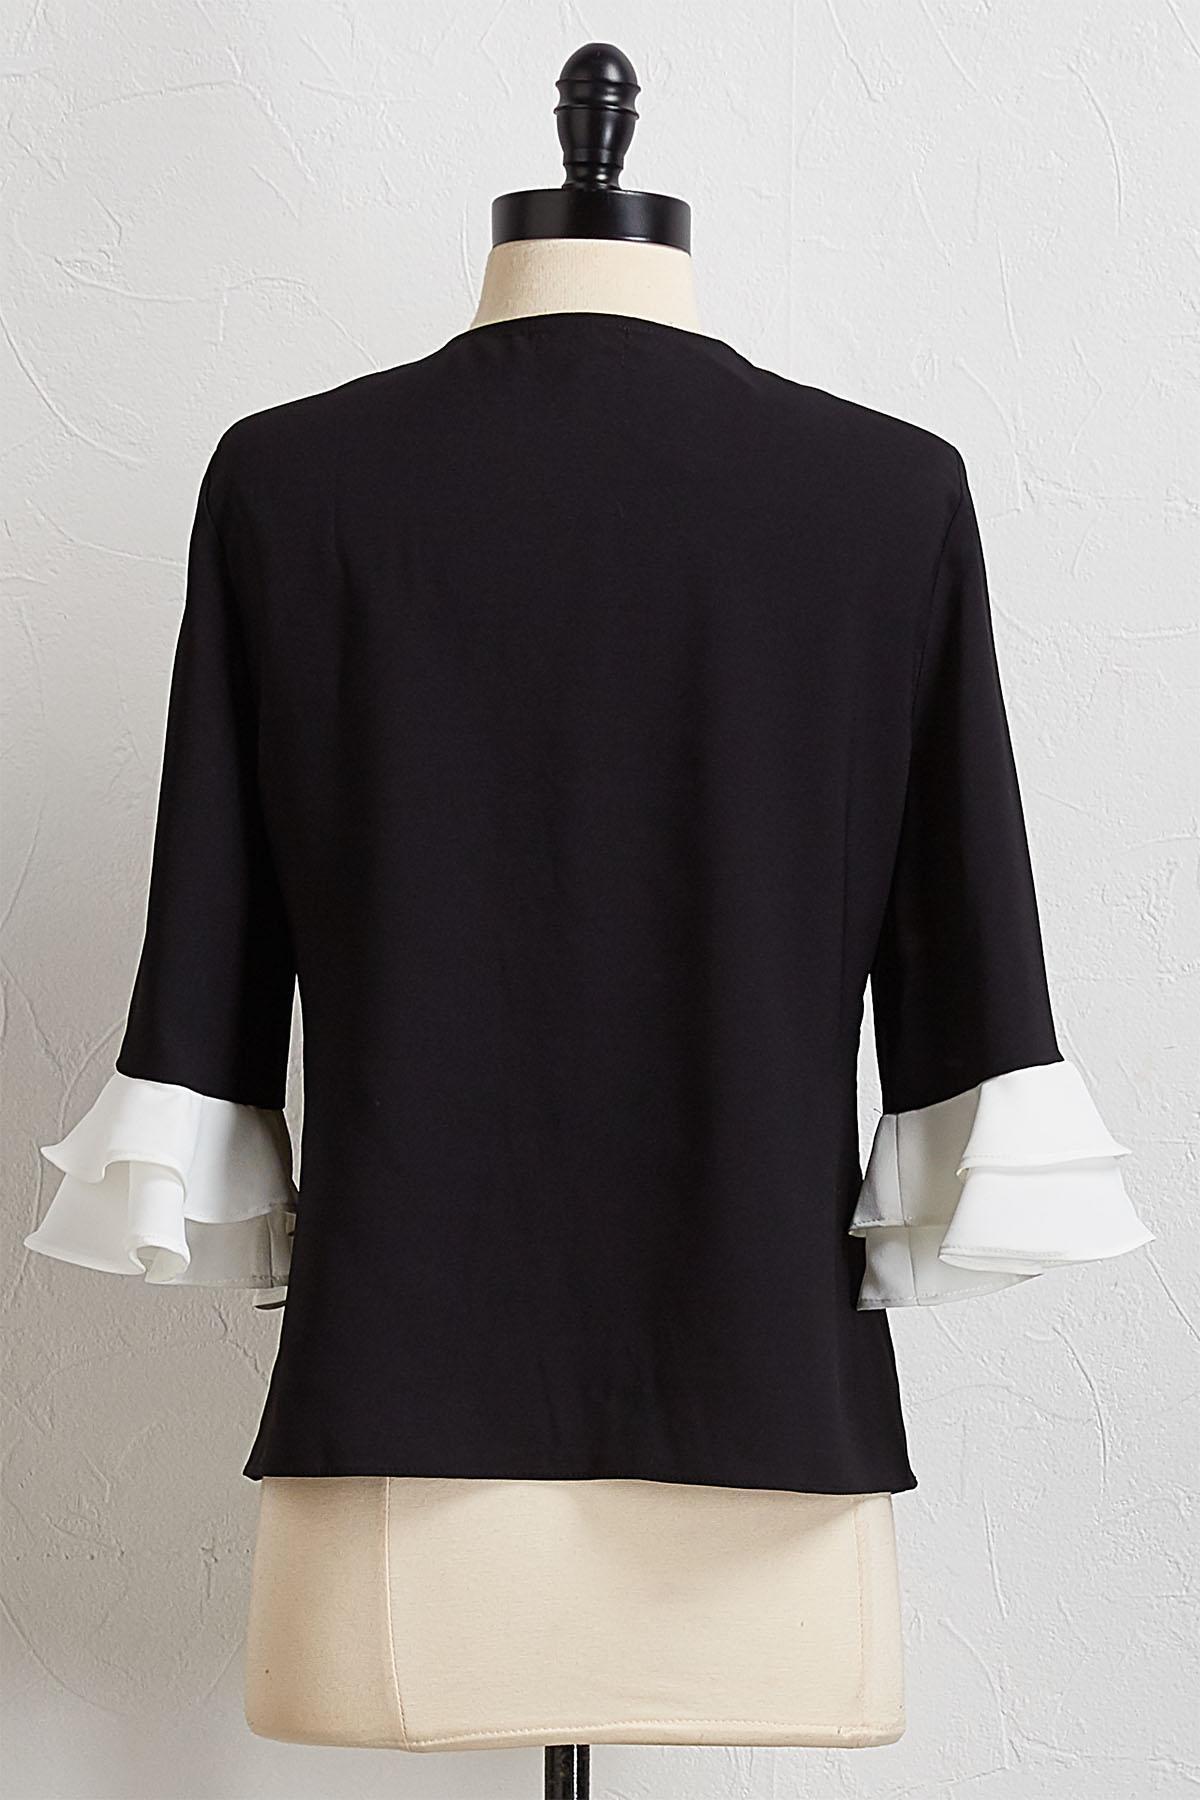 Victorian Ruffled Sleeve Top